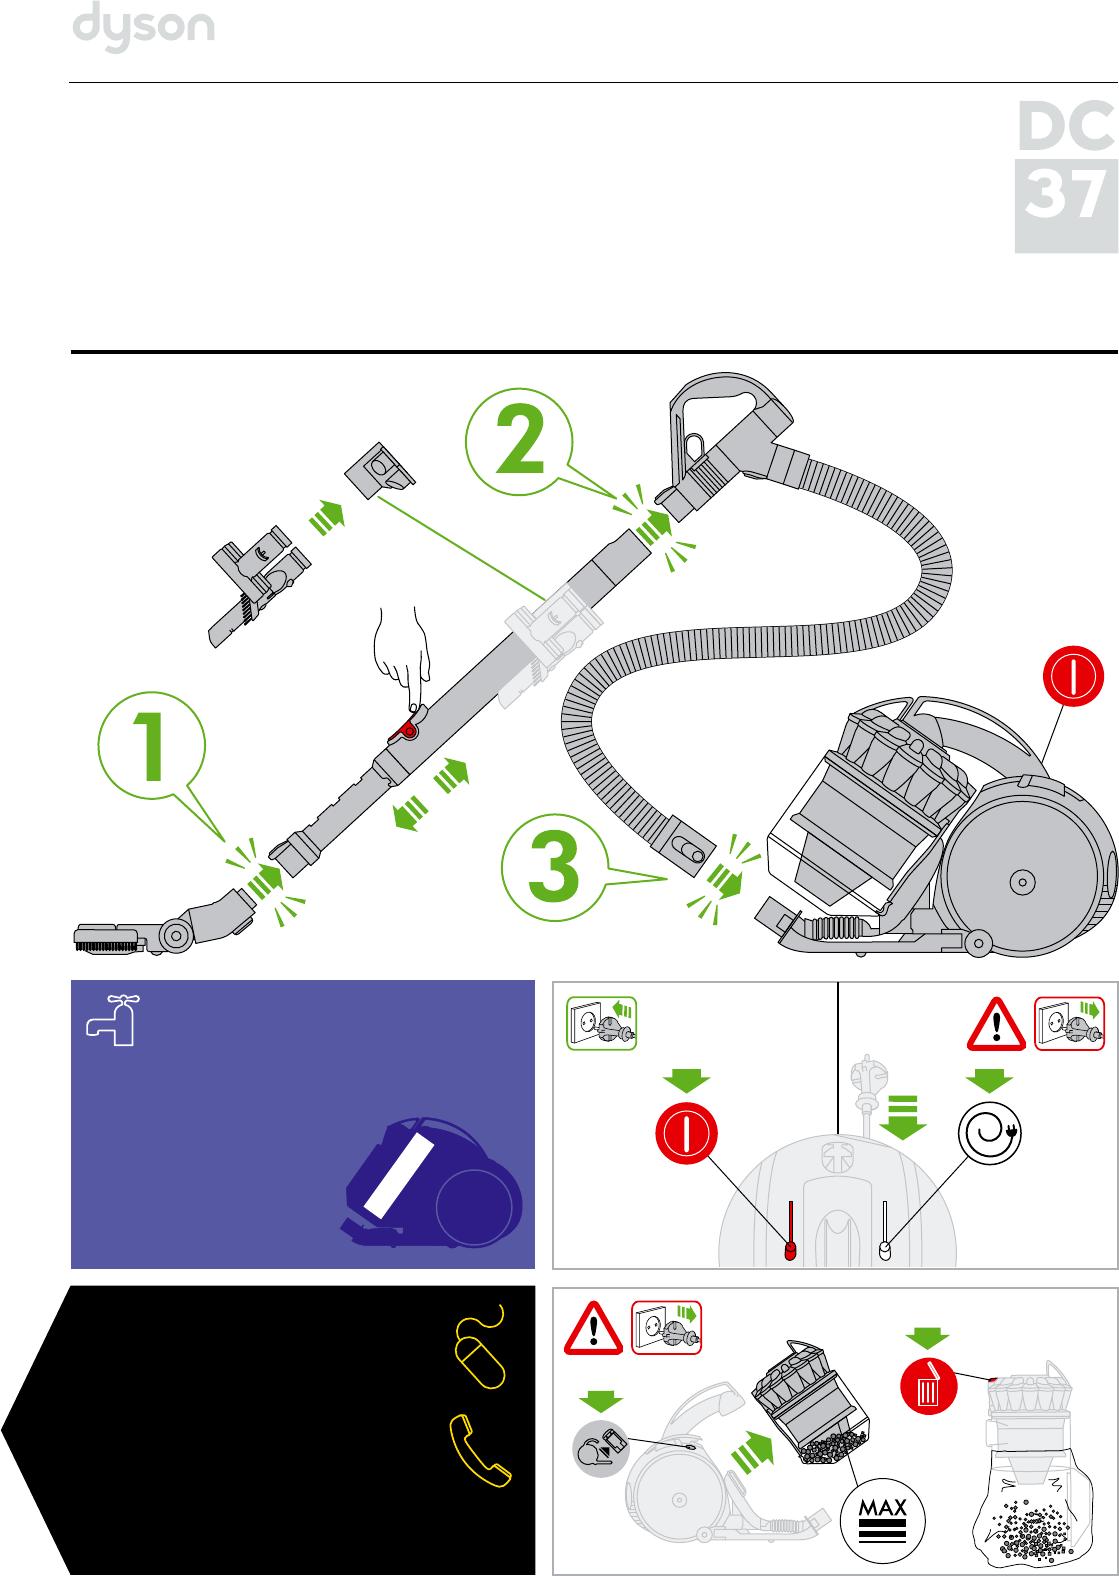 пылесос дайсон dc37 инструкция